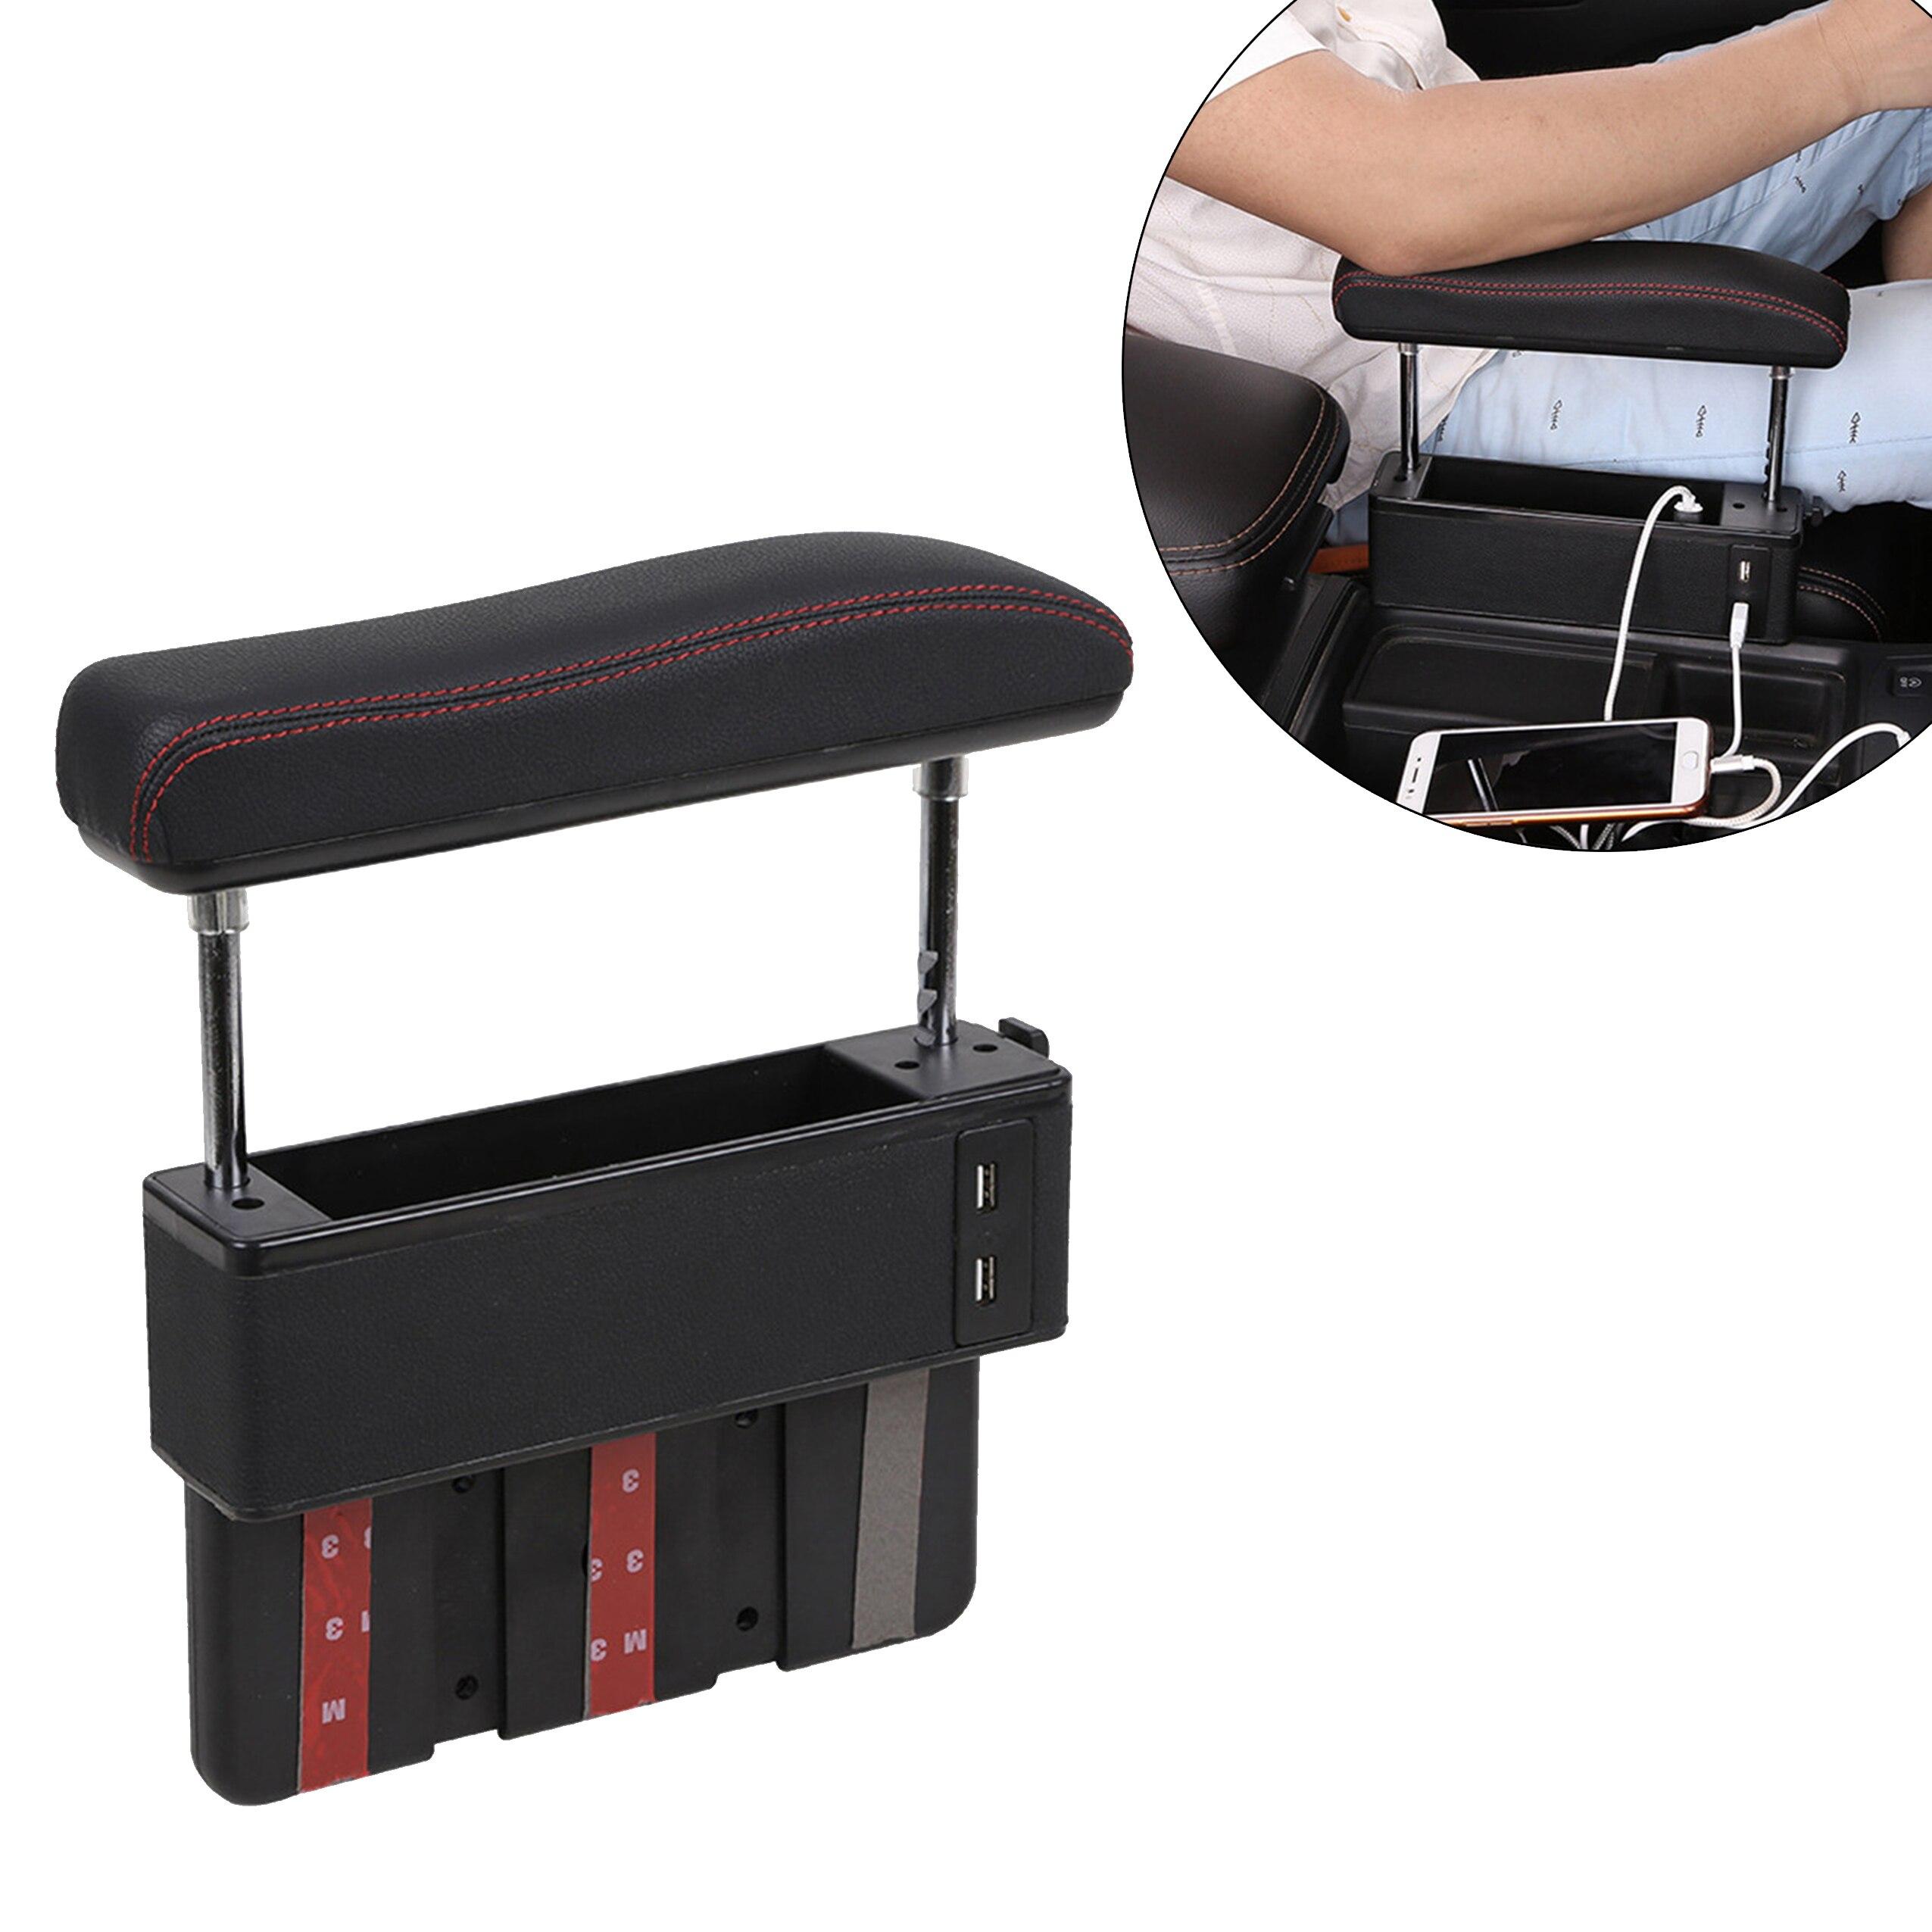 Boîte de rangement de fente de siège de véhicule de voiture en cuir d'unité centrale avec le porte-carte de clé de téléphone d'organisateur de poche d'accoudoir 4USB